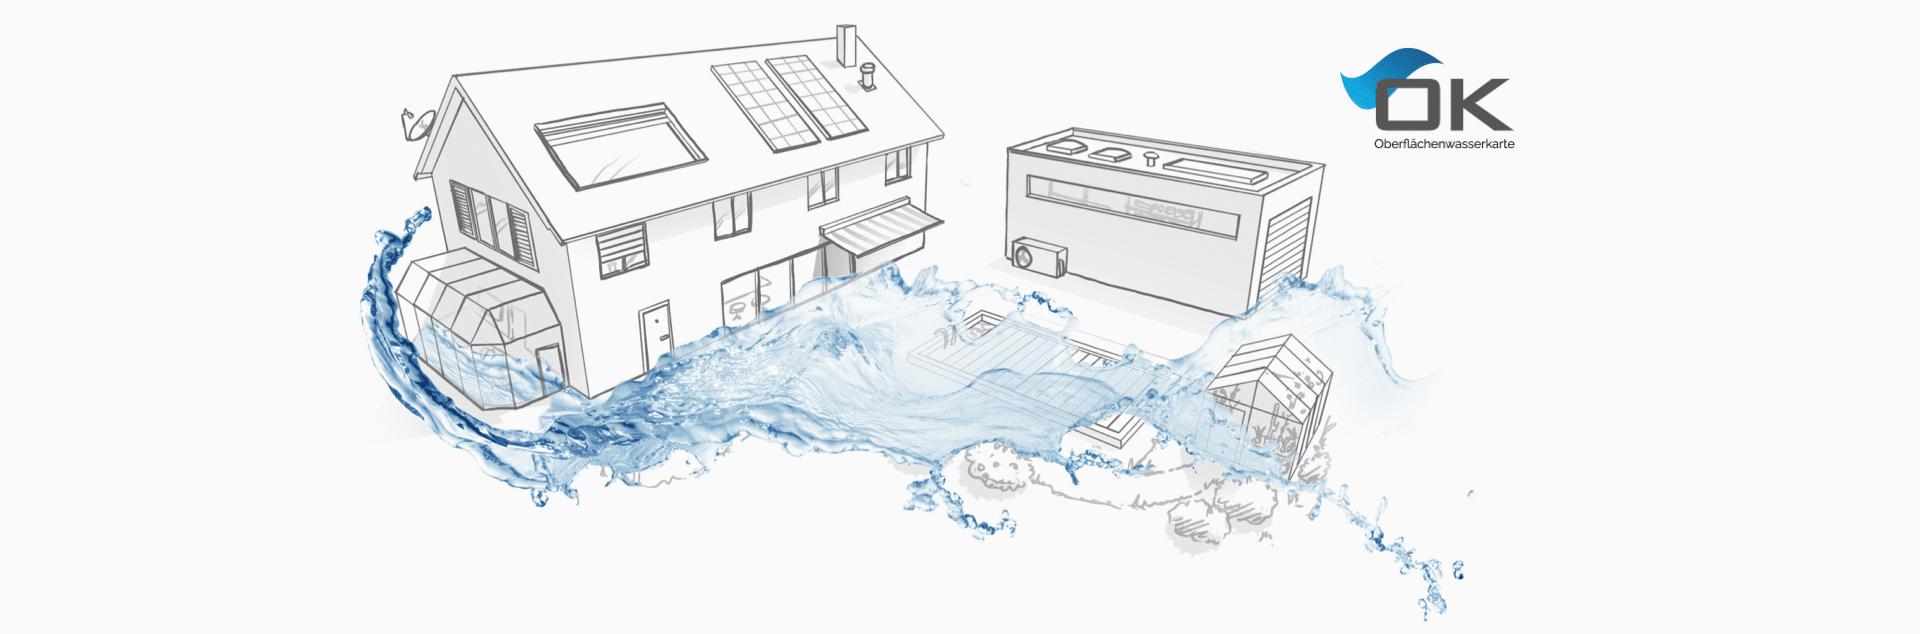 Oberflächenwasser – Header